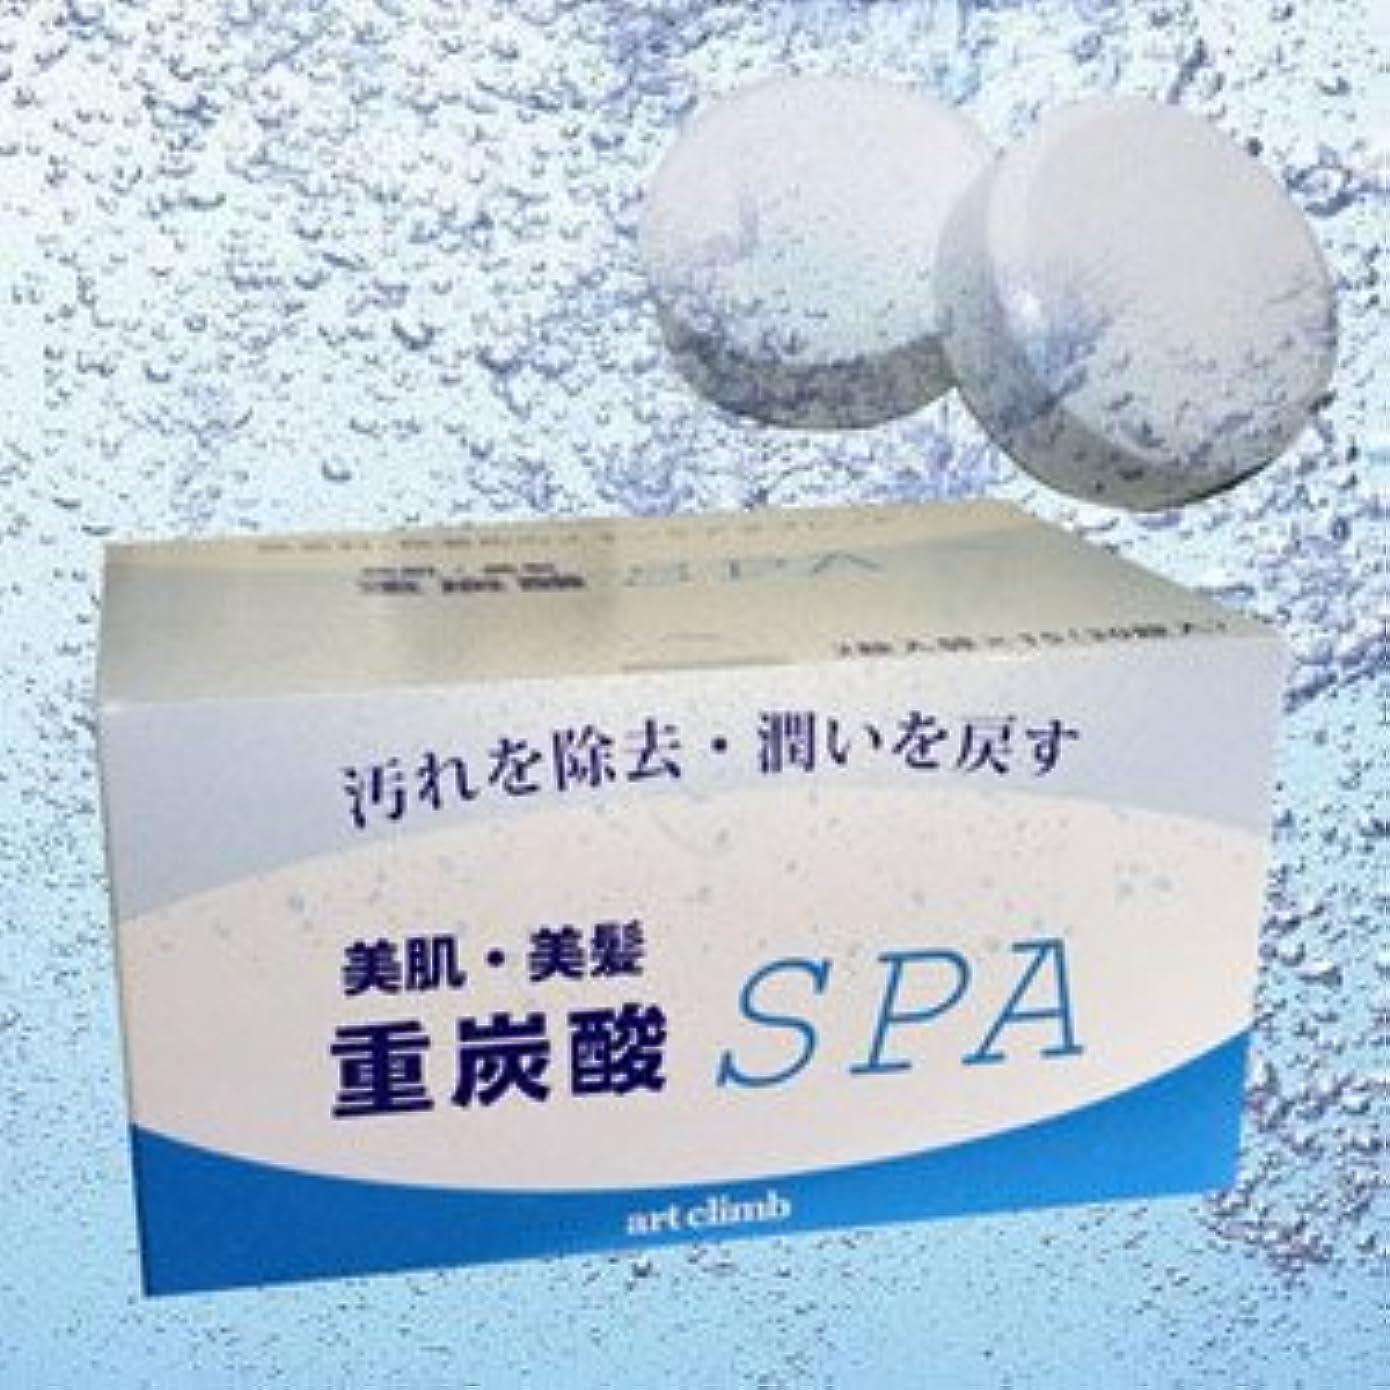 素晴らしき個人不適当炭酸泉タブレット 重炭酸SPA 16g x 36錠入り